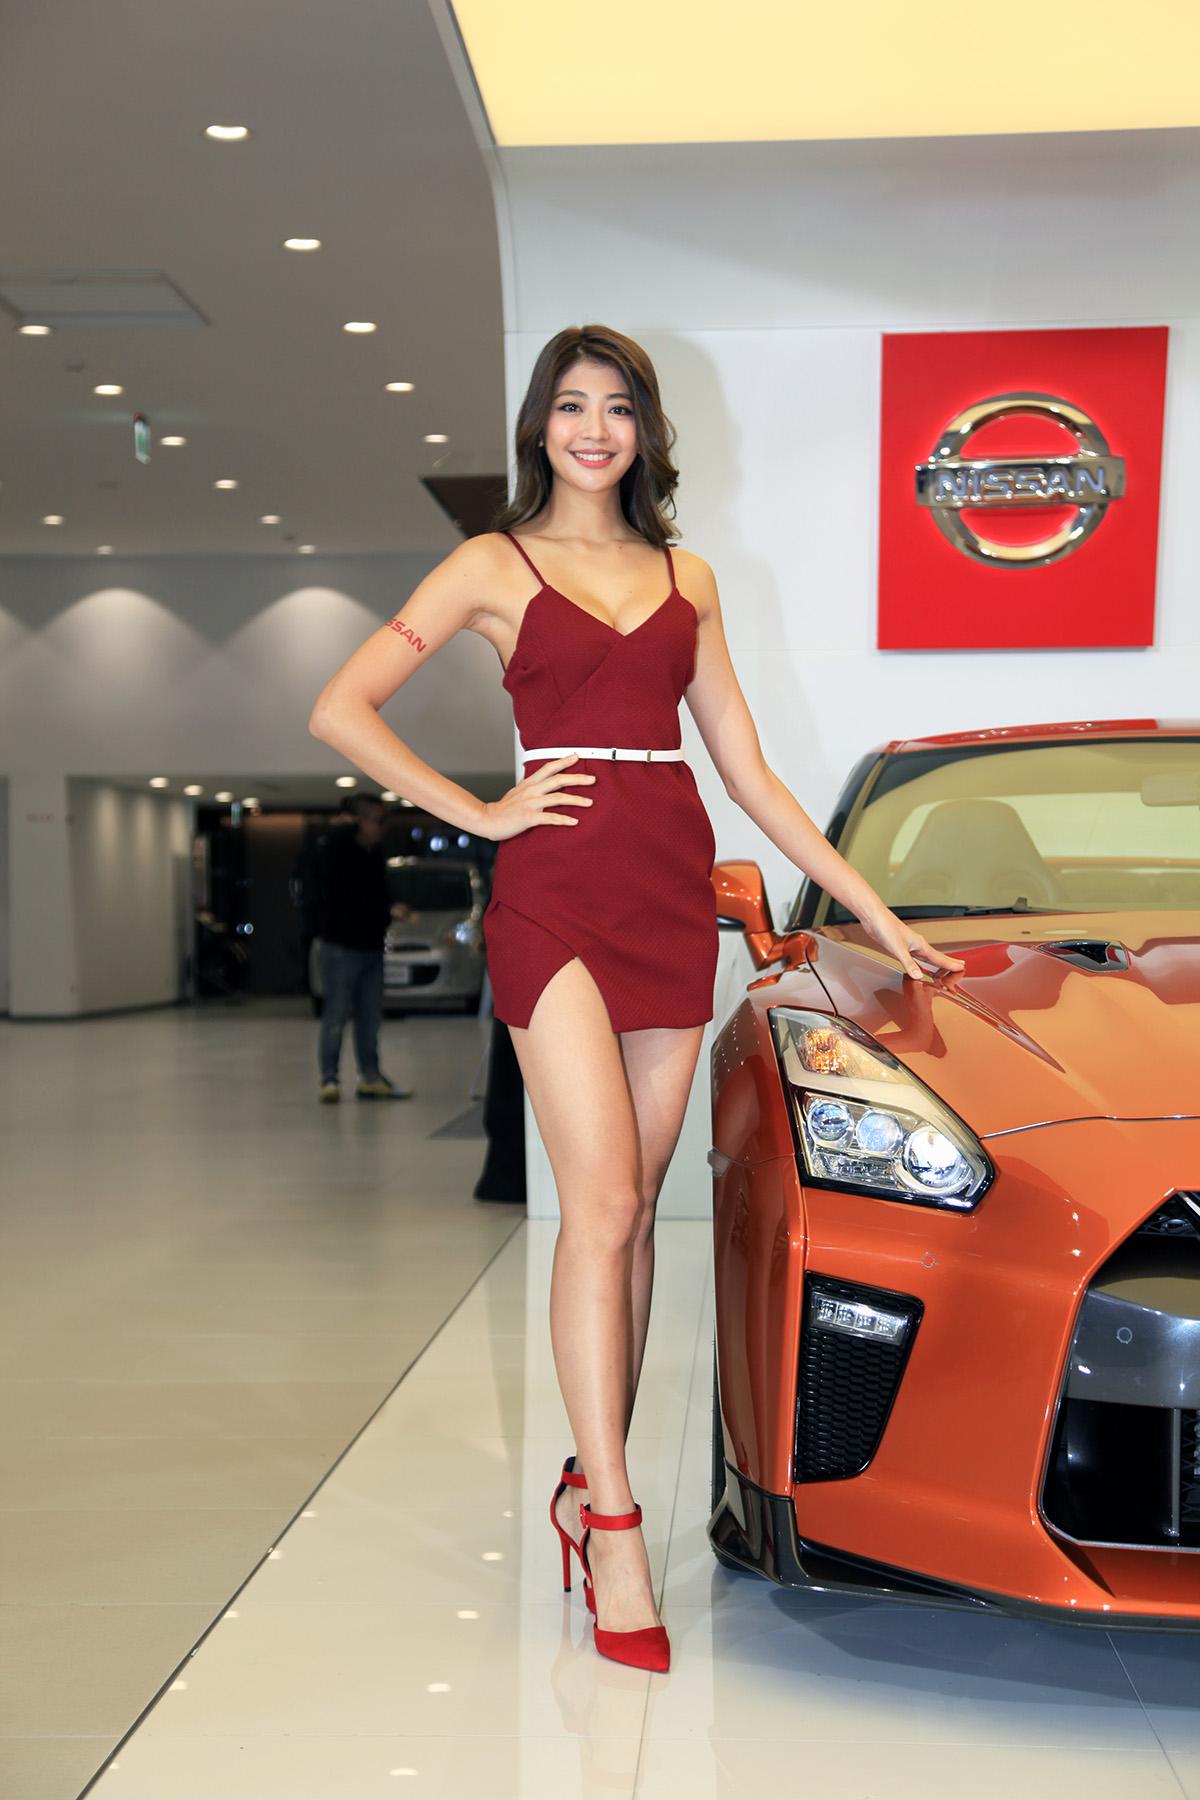 閃亮跨界小巨星 Kicks 領軍,2018 Nissan 台北車展名模陣容與展車公布! - CarStuff 人車事